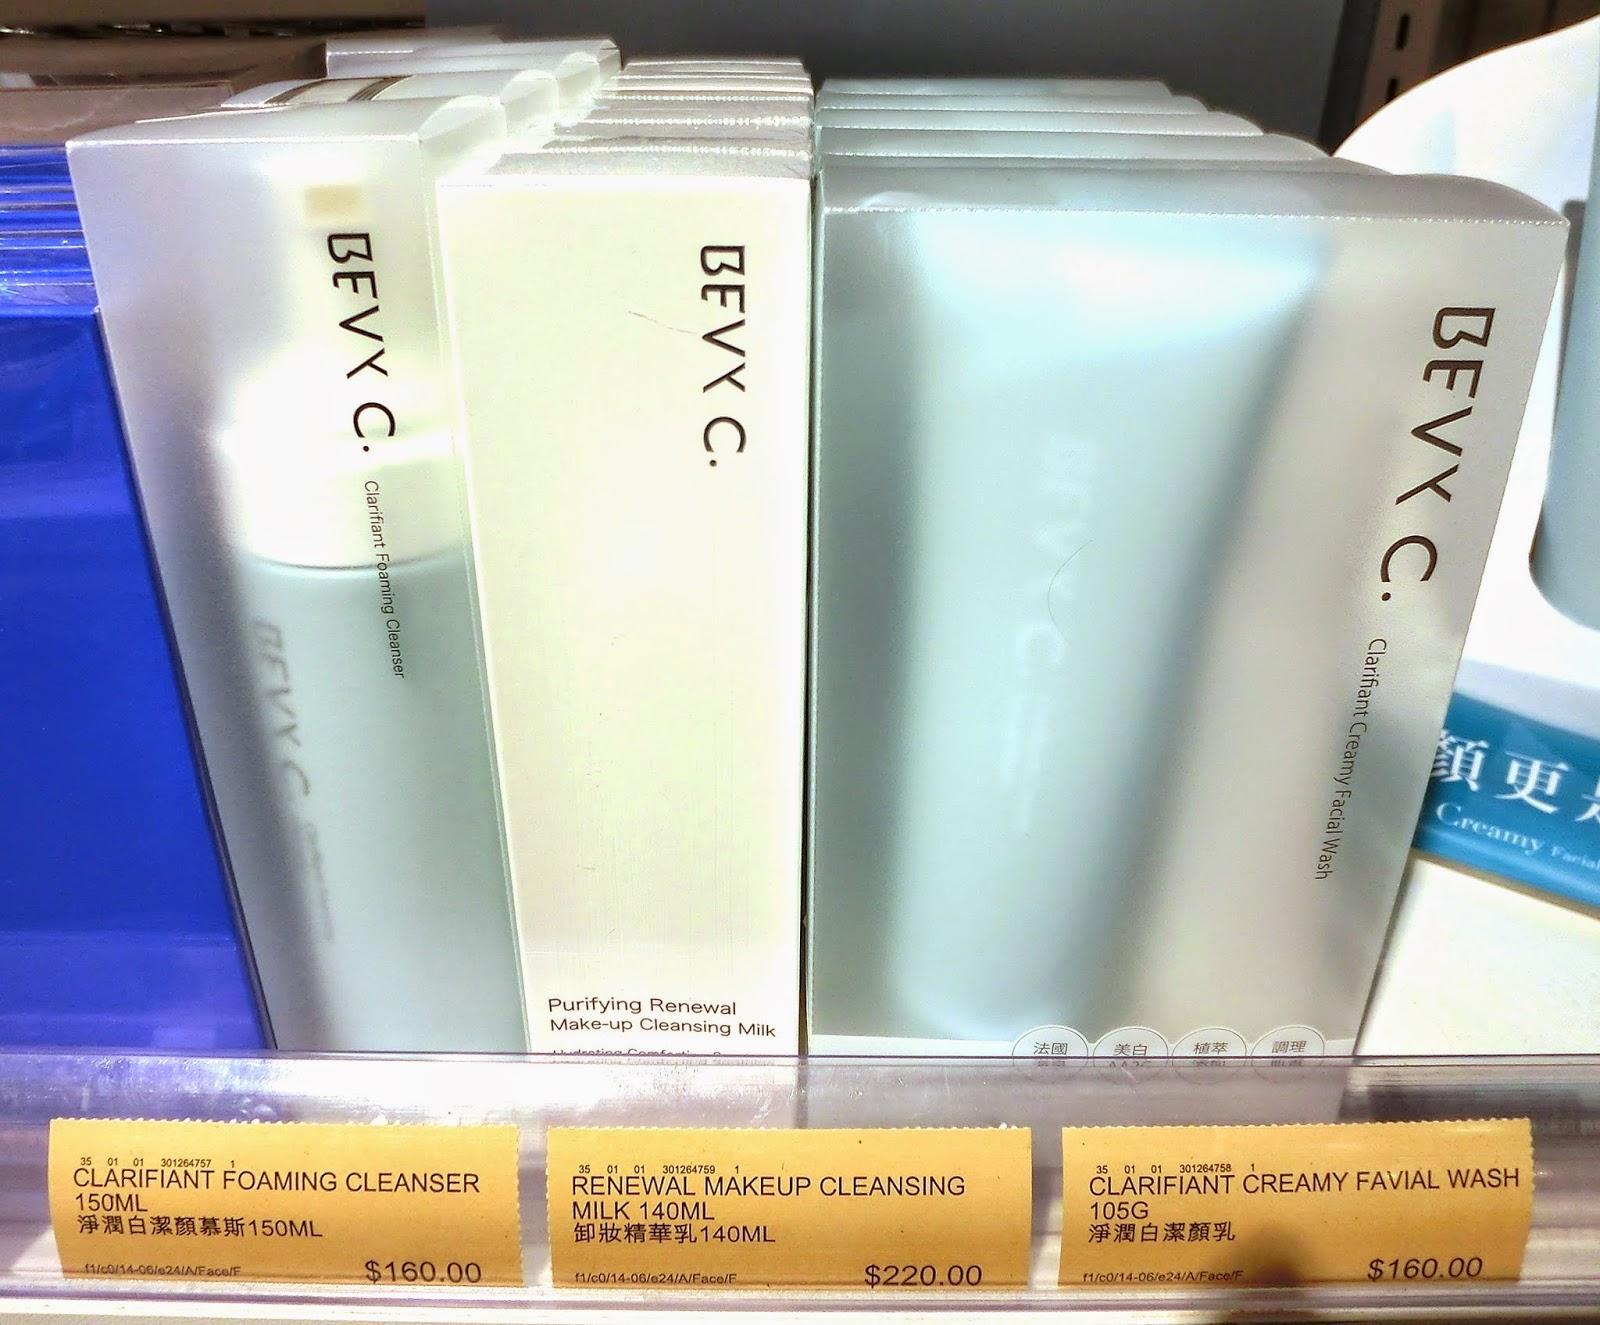 蘋果的化妝箱: 臺灣妝前保養權威 Bevy C. 登陸香港 LOG-ON